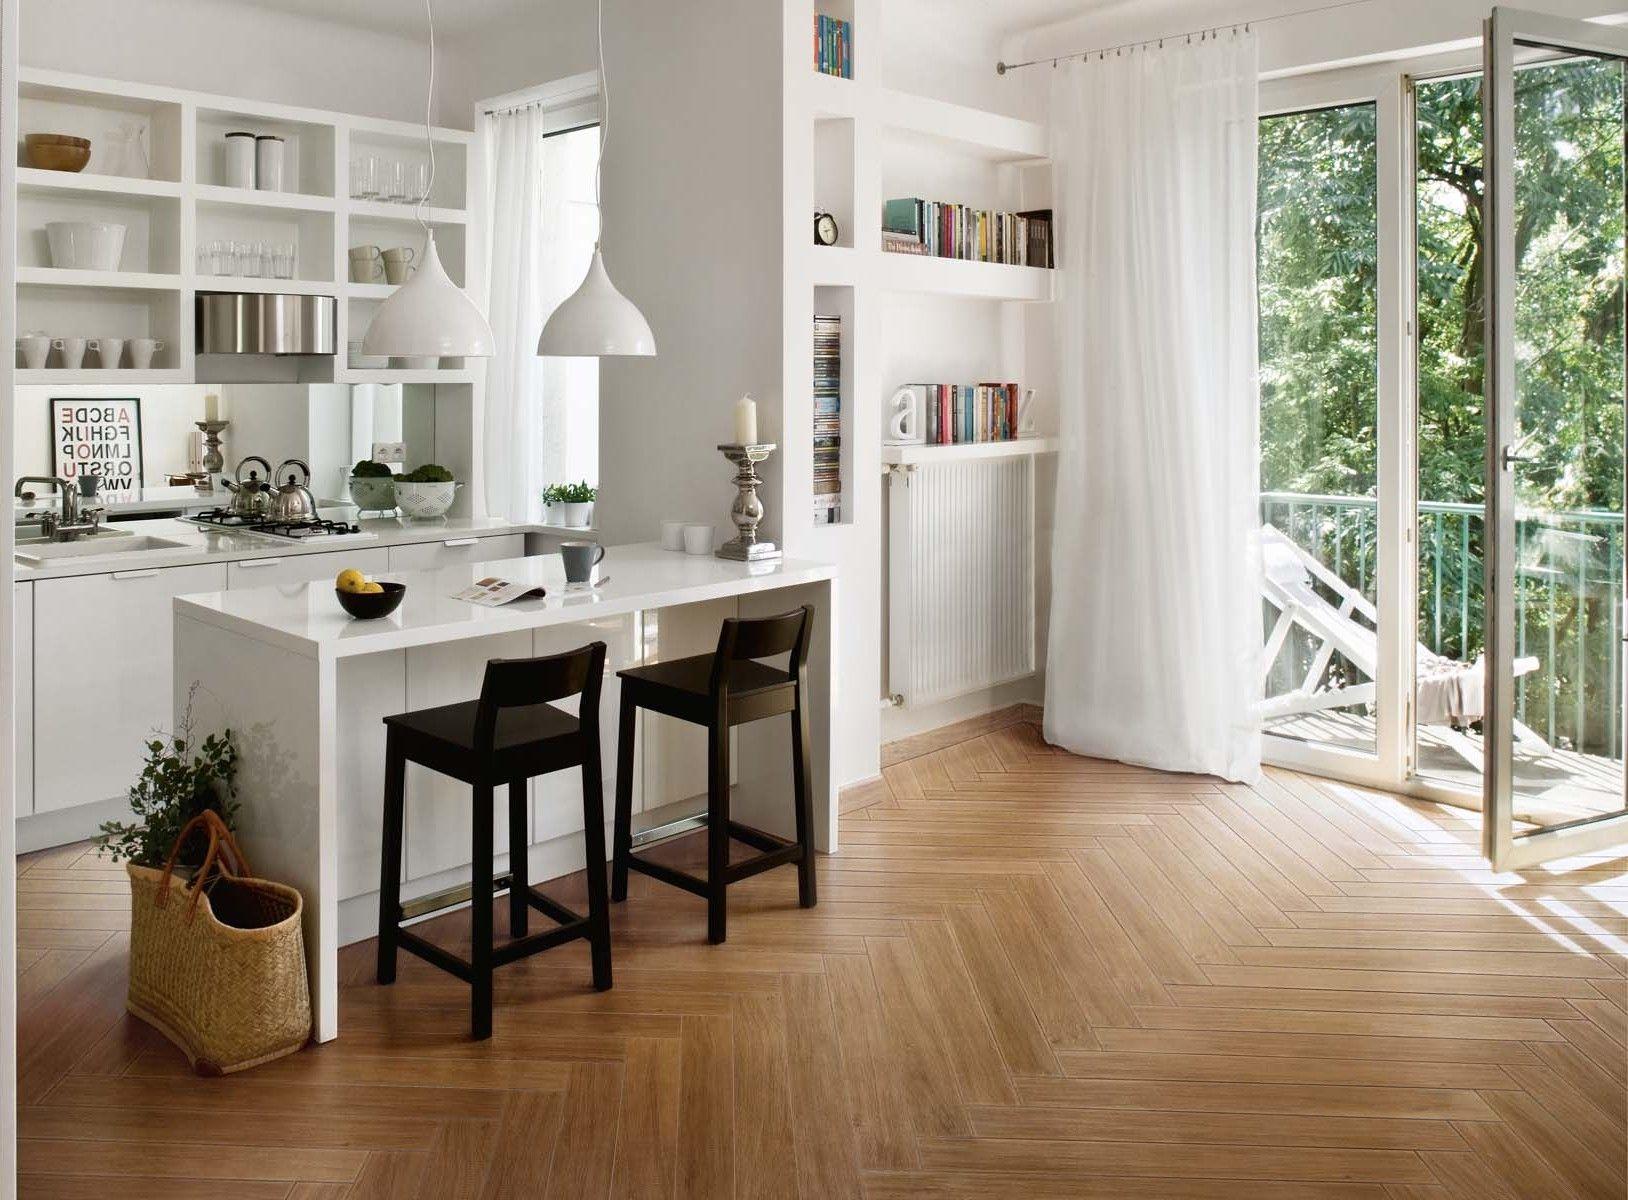 Épinglé par Delphine Cariou sur Home   Intérieur de cuisine, Carrelage imitation parquet ...